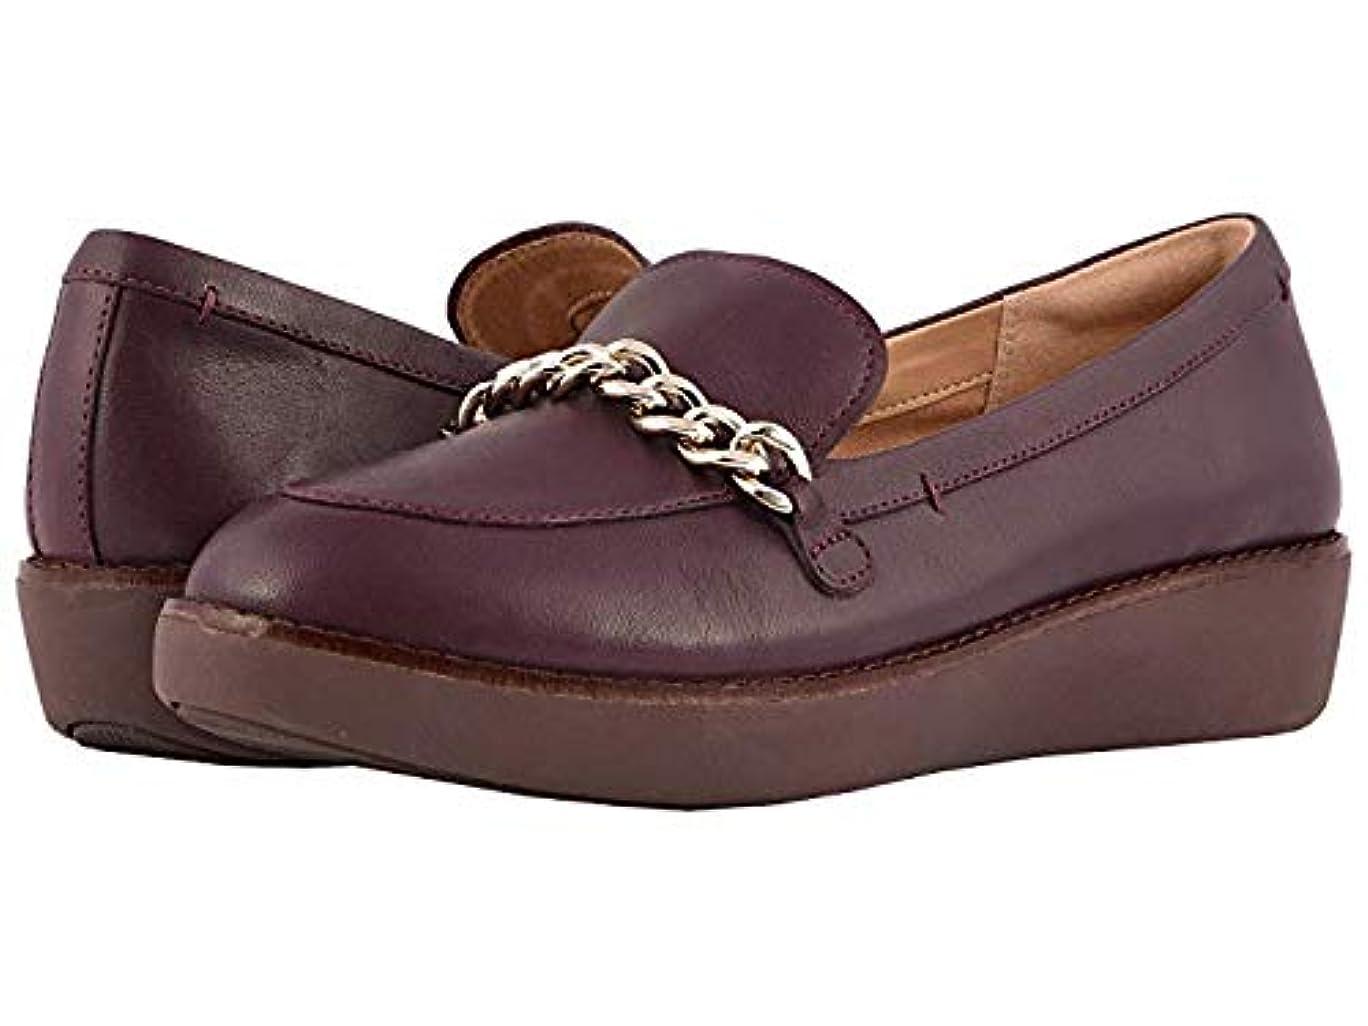 草外交問題カタログ[FitFlop(フィットフロップ)] レディースローファー?靴 Petrina Chain Moccasin Deep Plum US 10 (27cm) M (B) [並行輸入品]